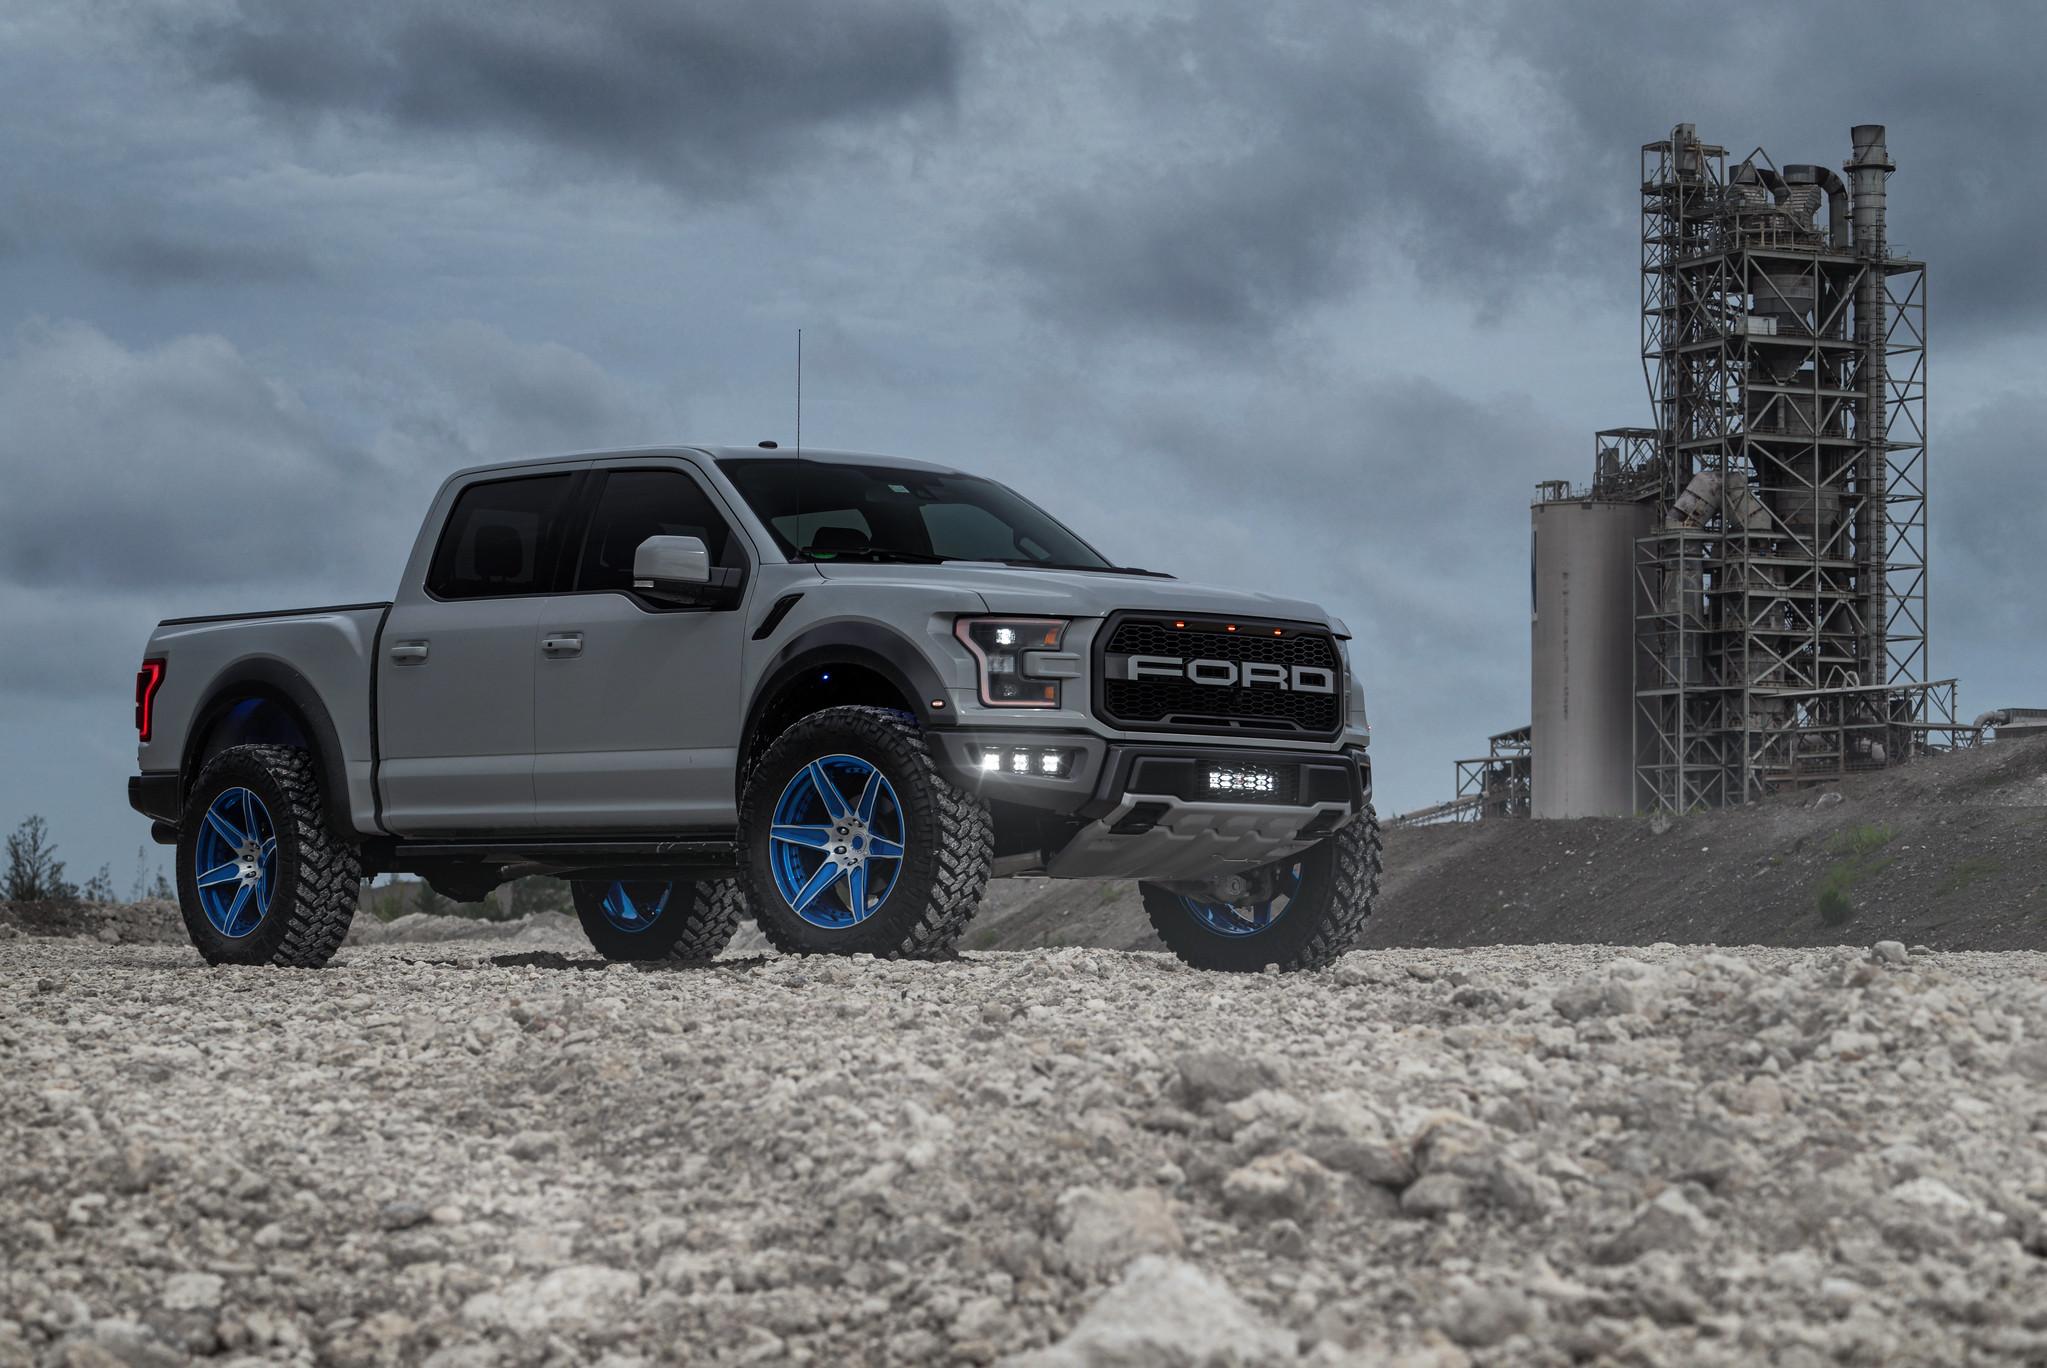 Ford Raptor White